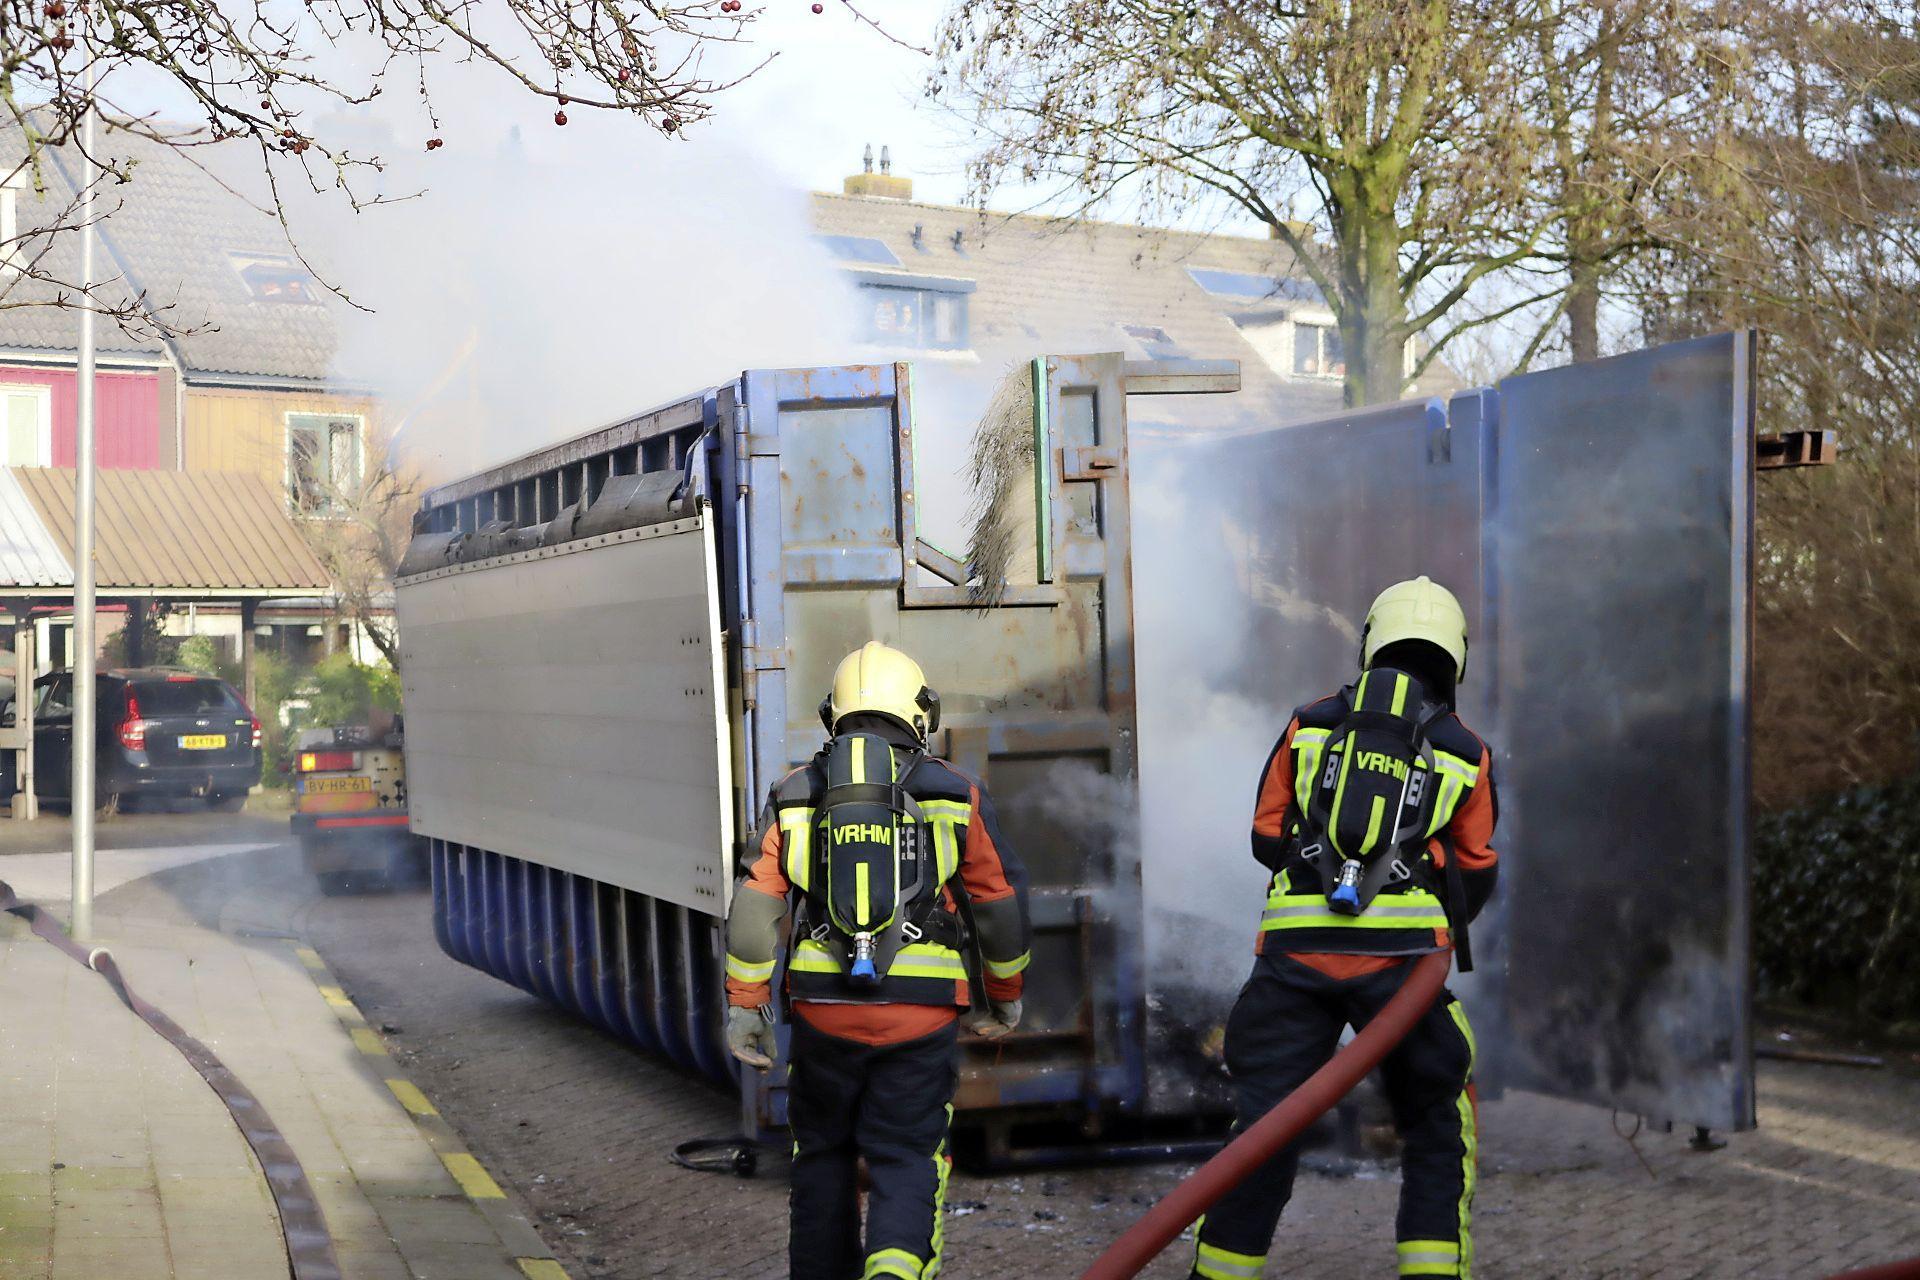 Vuilniswagen vliegt in brand tijdens het rijden in Noordwijkerhout, veel rookontwikkeling in de buurt